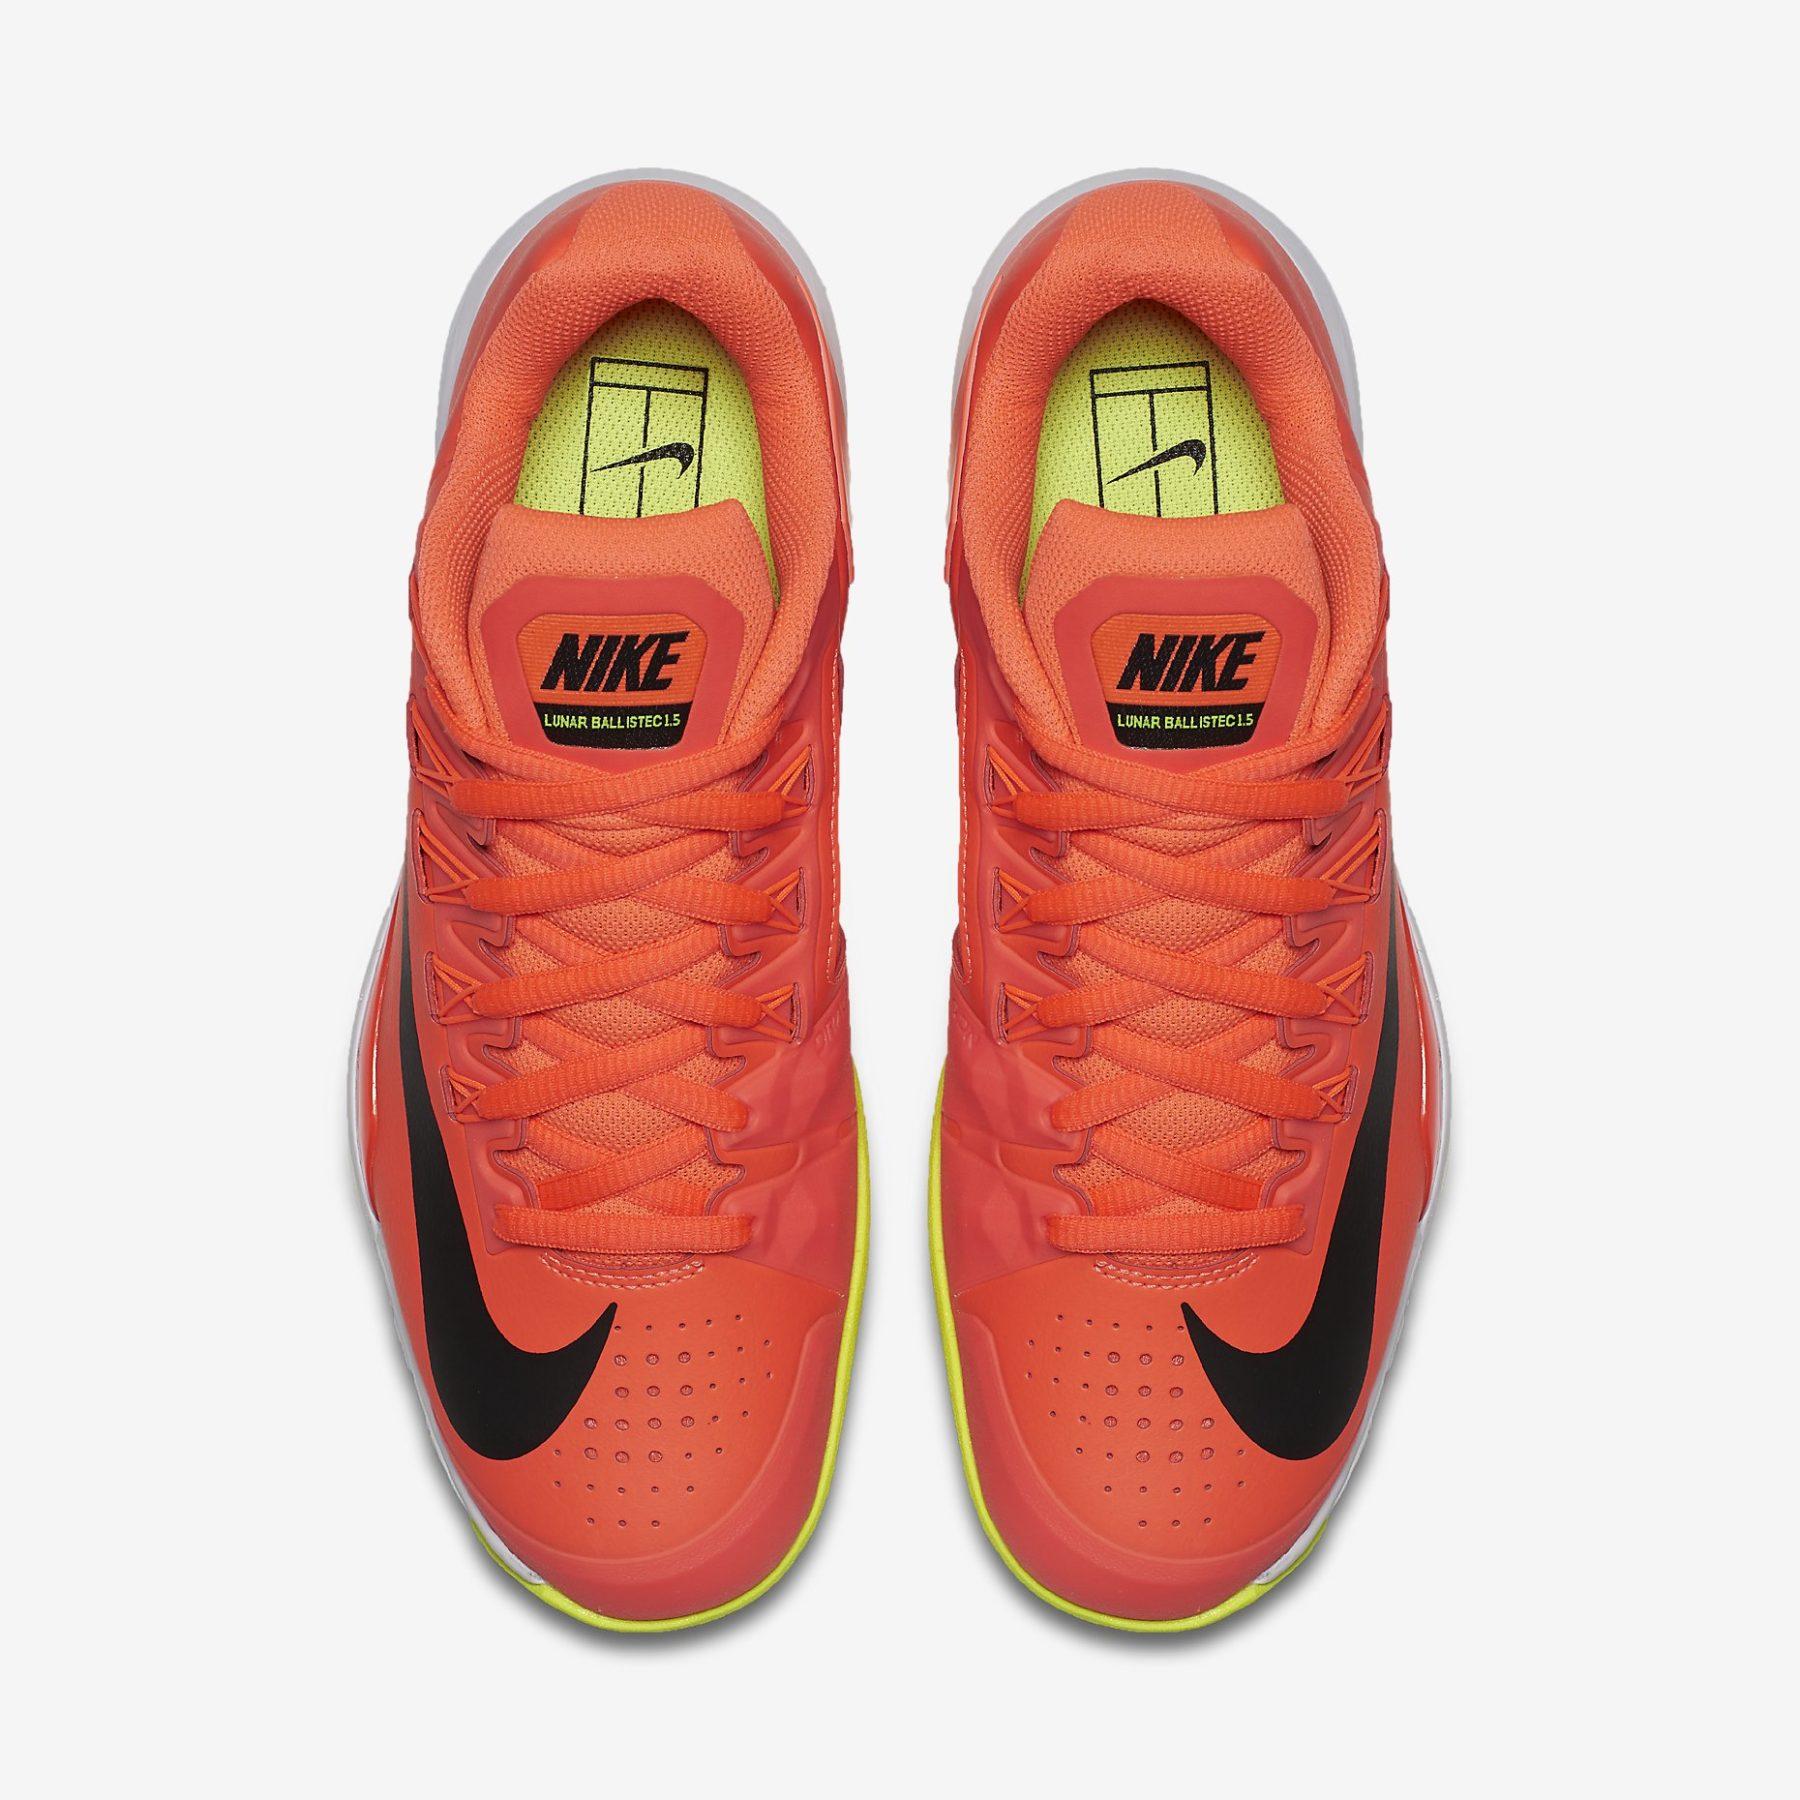 Nike, las zapatillas más deseadas gracias a Federer y Nadal